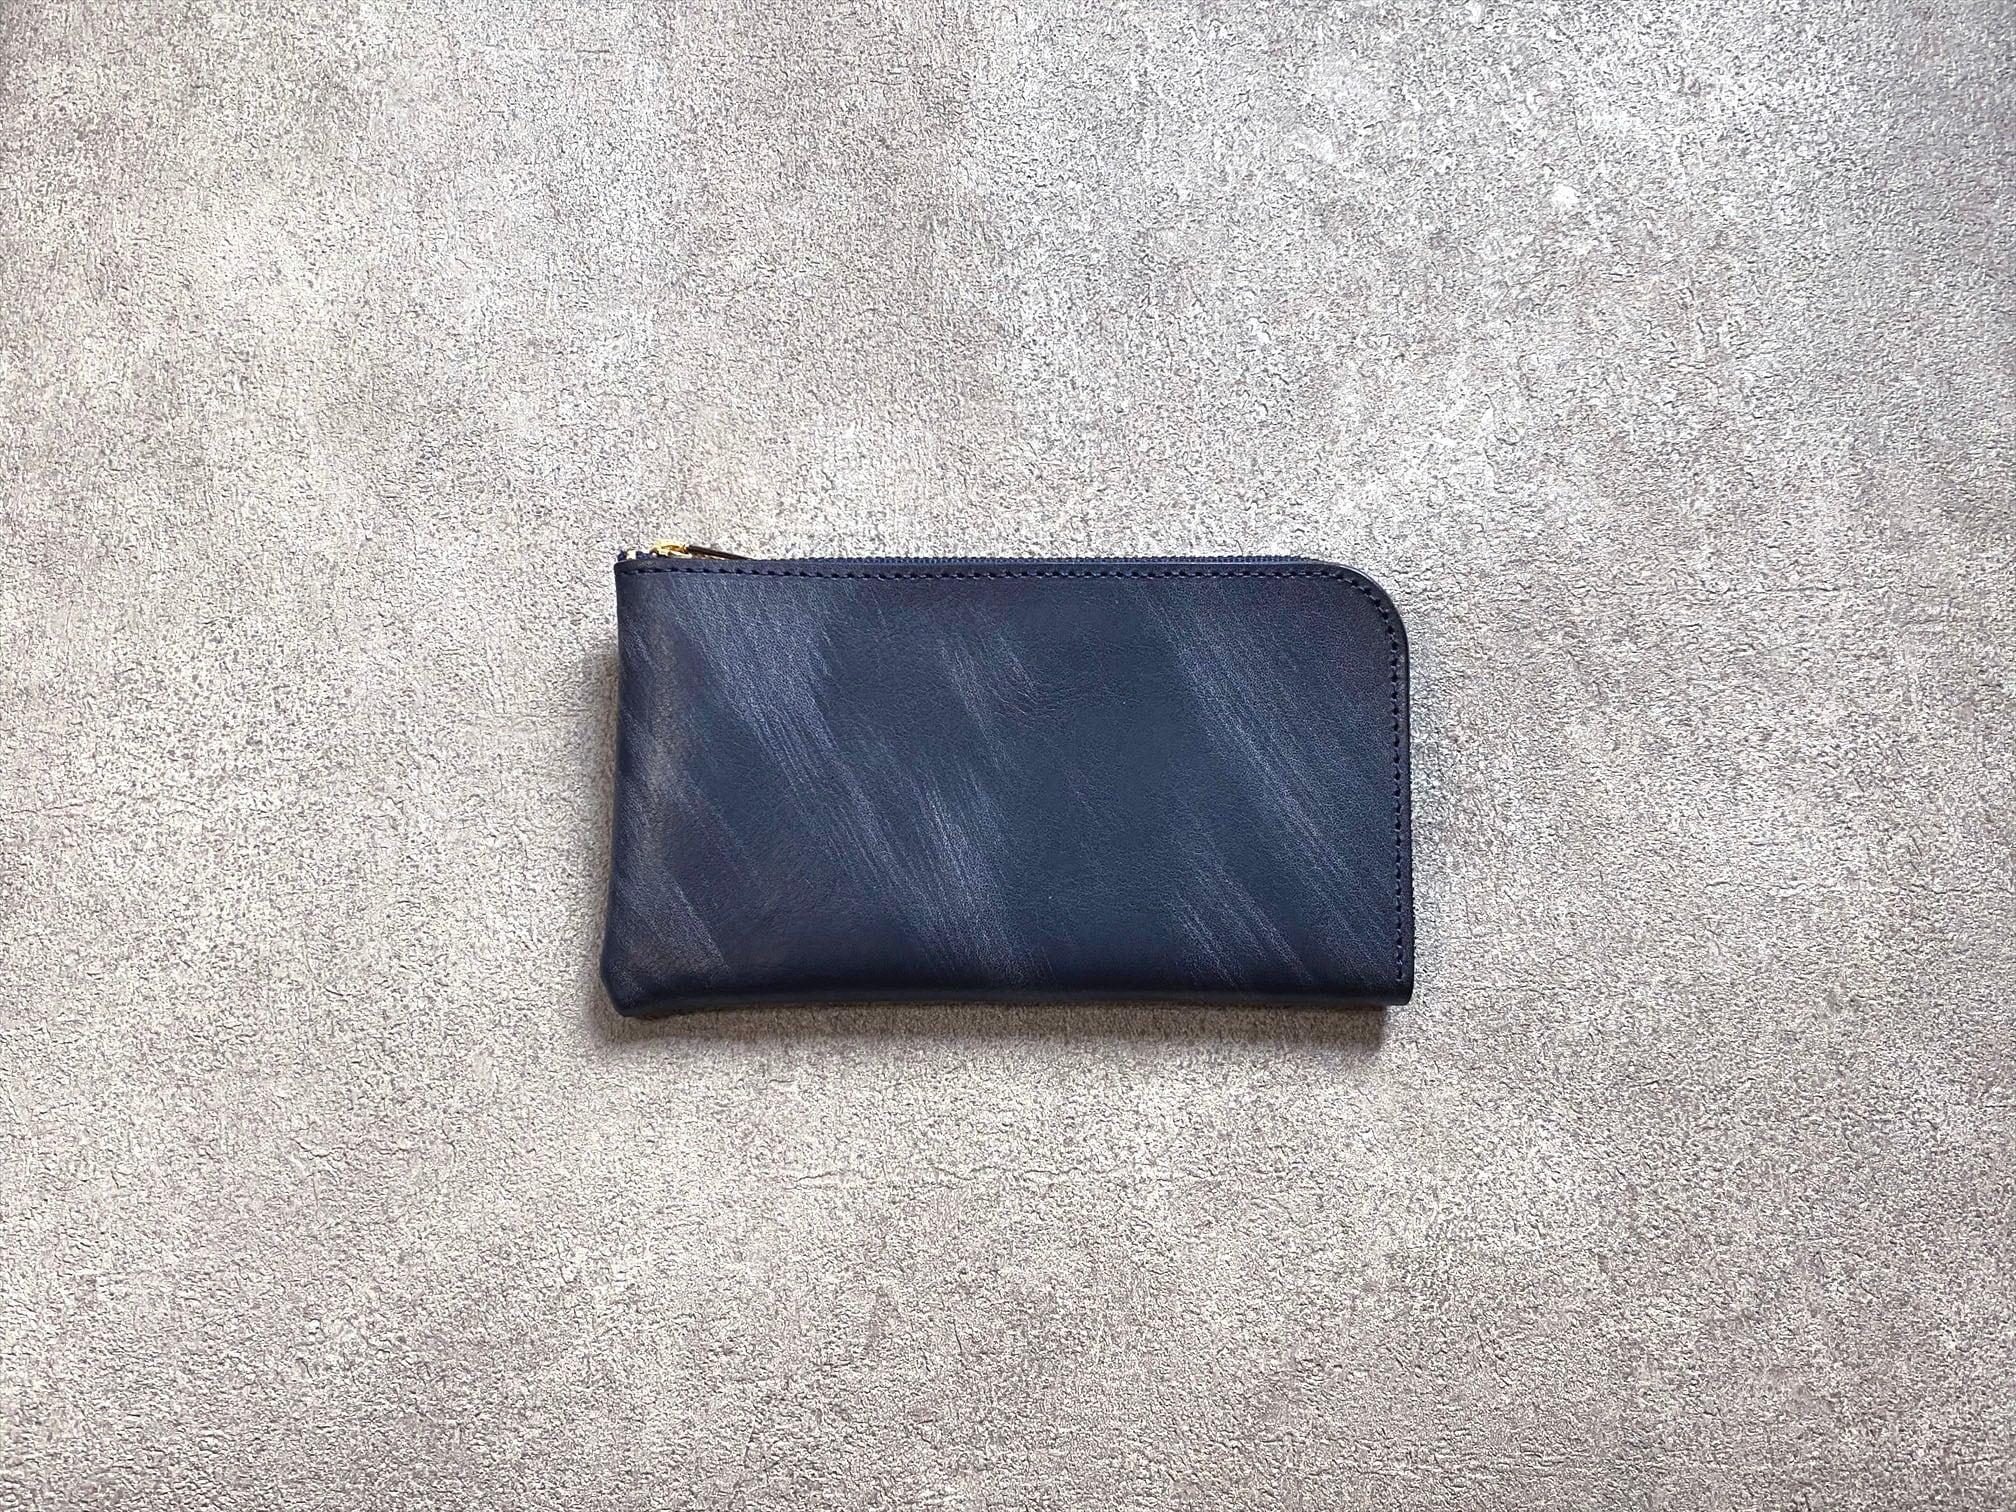 SHOZOウォレット(ヌメ革ロウ引き):ネイビー ※「アジア・パシフィック・レザー・フェア2019」革小物部門グランプリ受賞商品